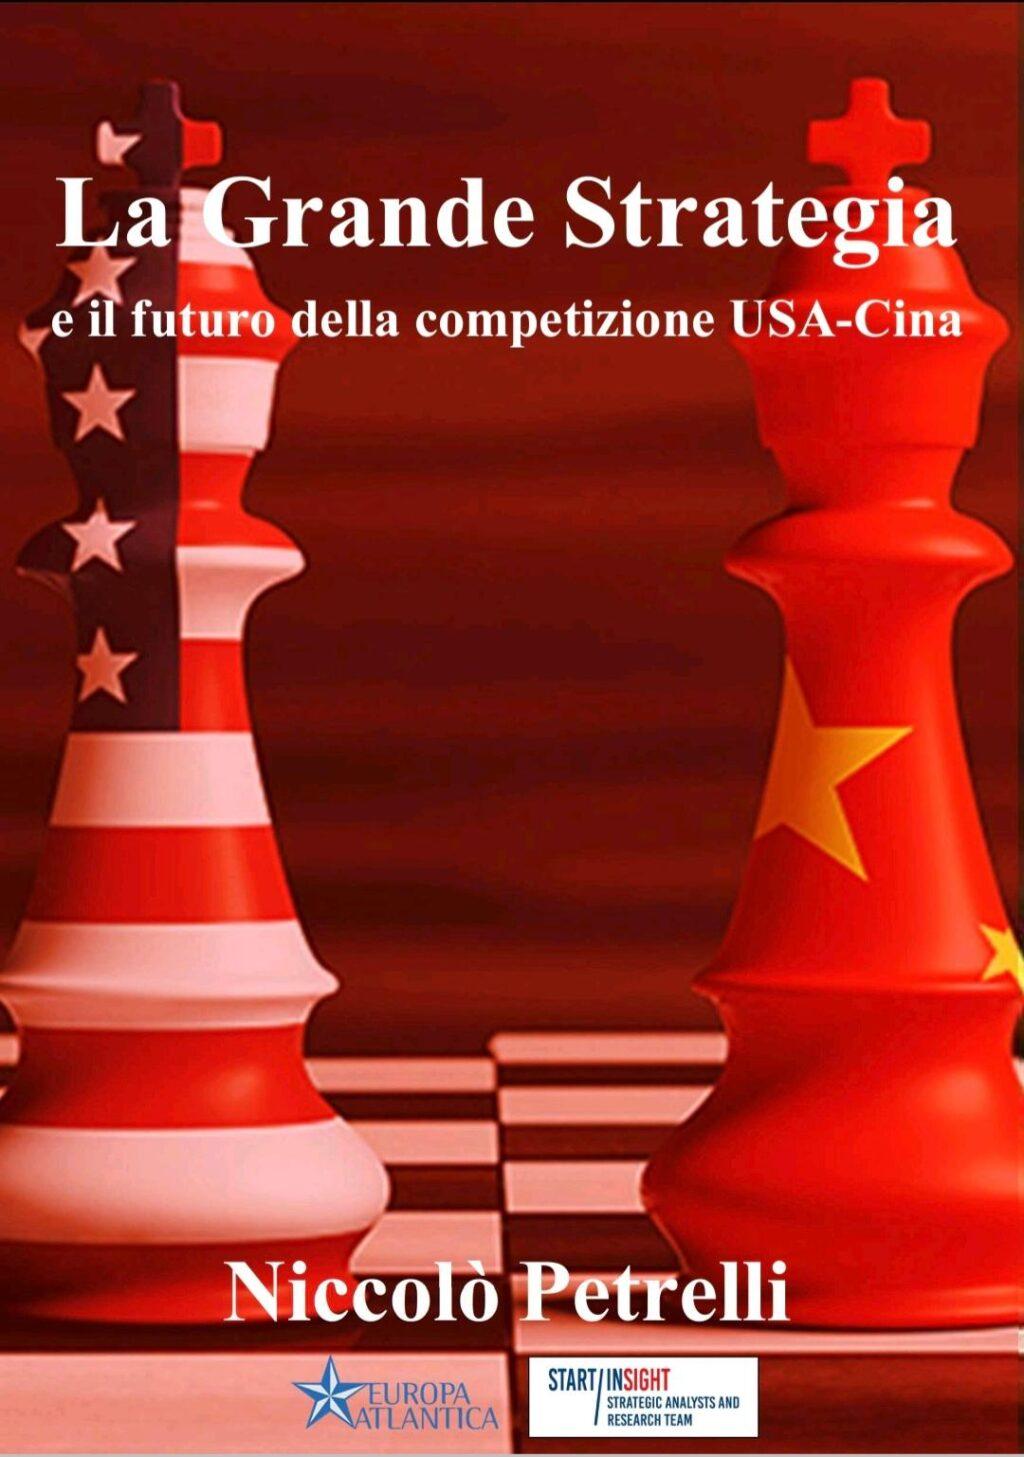 La Grande Strategia e il futuro della competizione USA-Cina